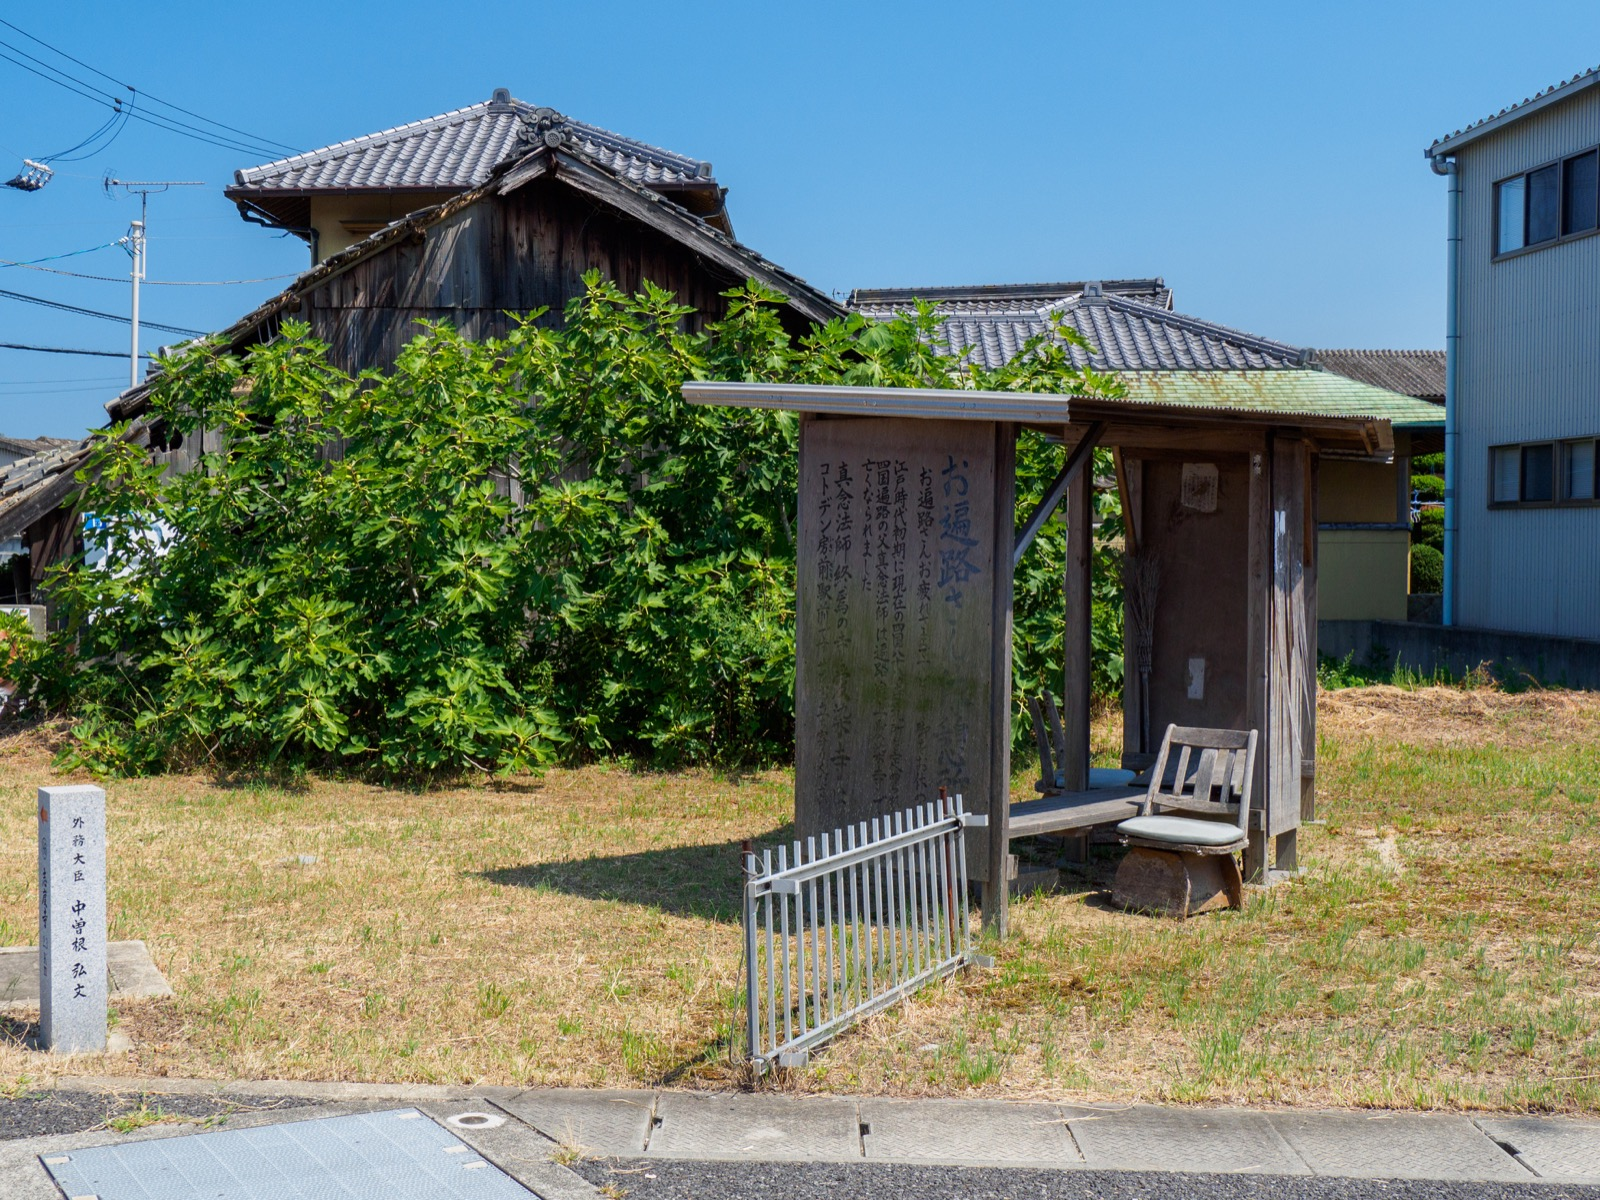 房前駅のそばにあるお遍路さんの休憩所